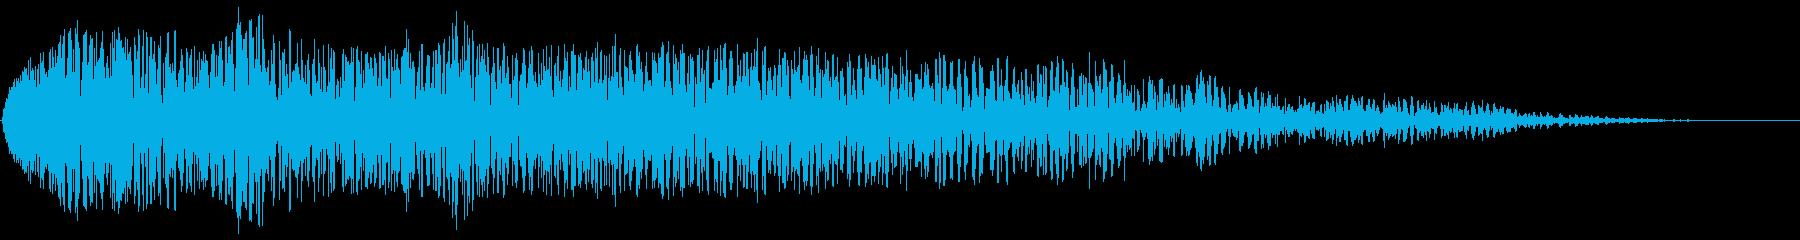 シューン(エレクトロニックな爆発音)の再生済みの波形